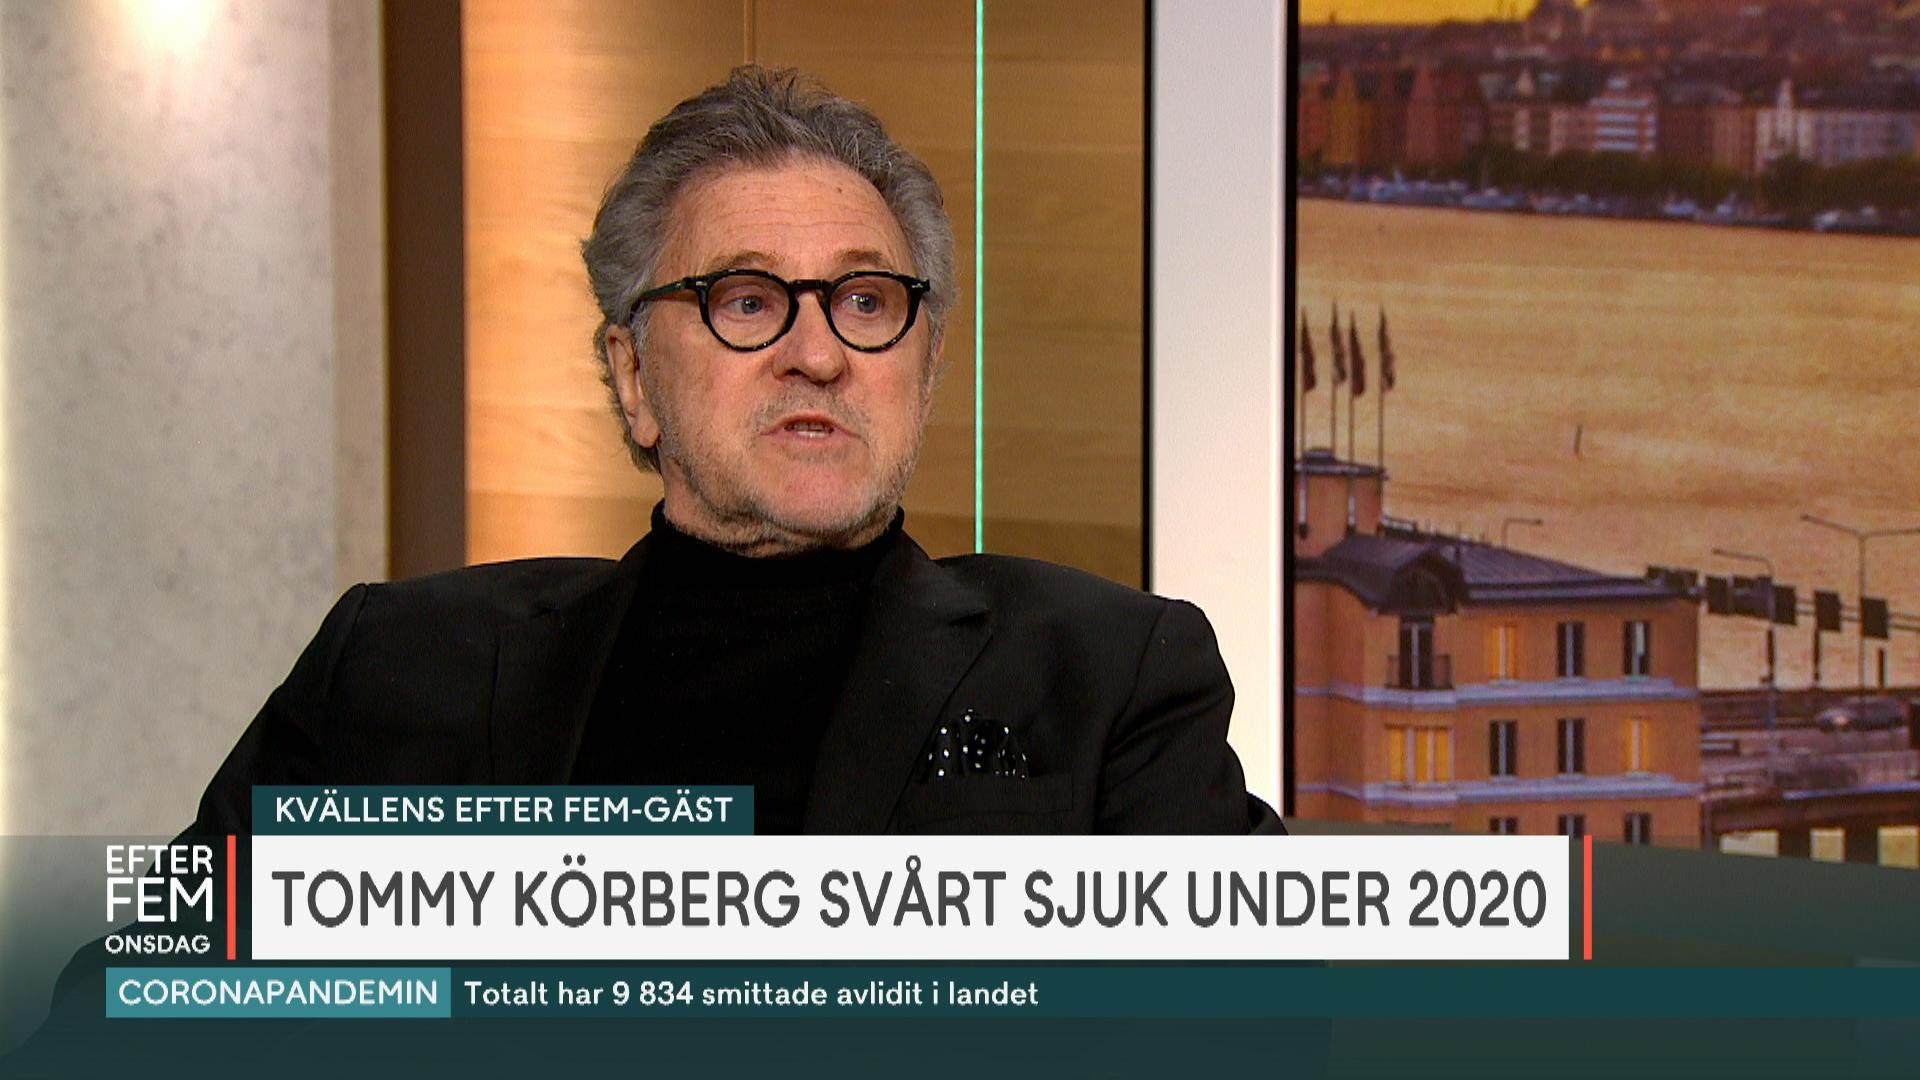 """Tommy Körbergs om svåra sjukdomsåret: """"Maximal otur"""""""